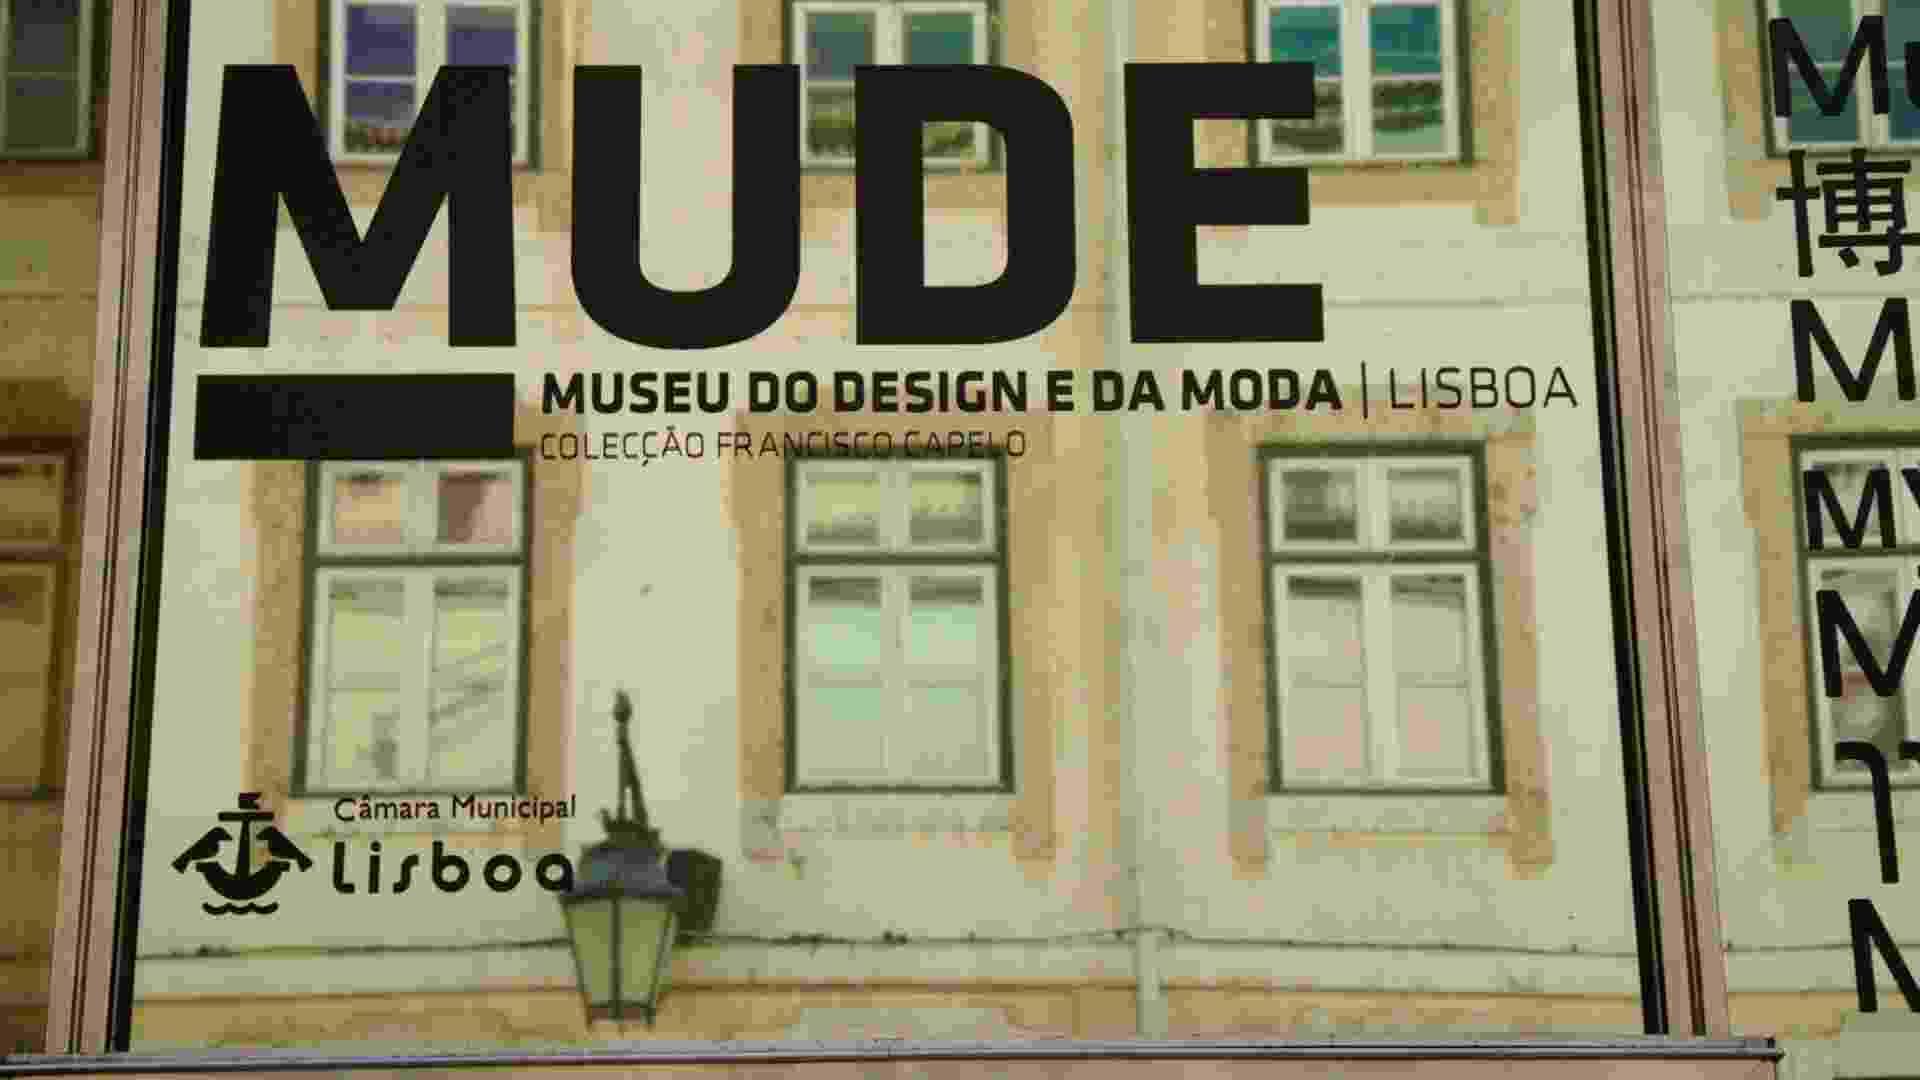 Edifícios históricos da Baixa-Chiado, em Lisboa, são refletidos em fachada do Mude, museu português que relembra as tendências e evoluções da moda e do design de móveis no mundo ao longo do século 20 - Eduardo Vessoni/UOL